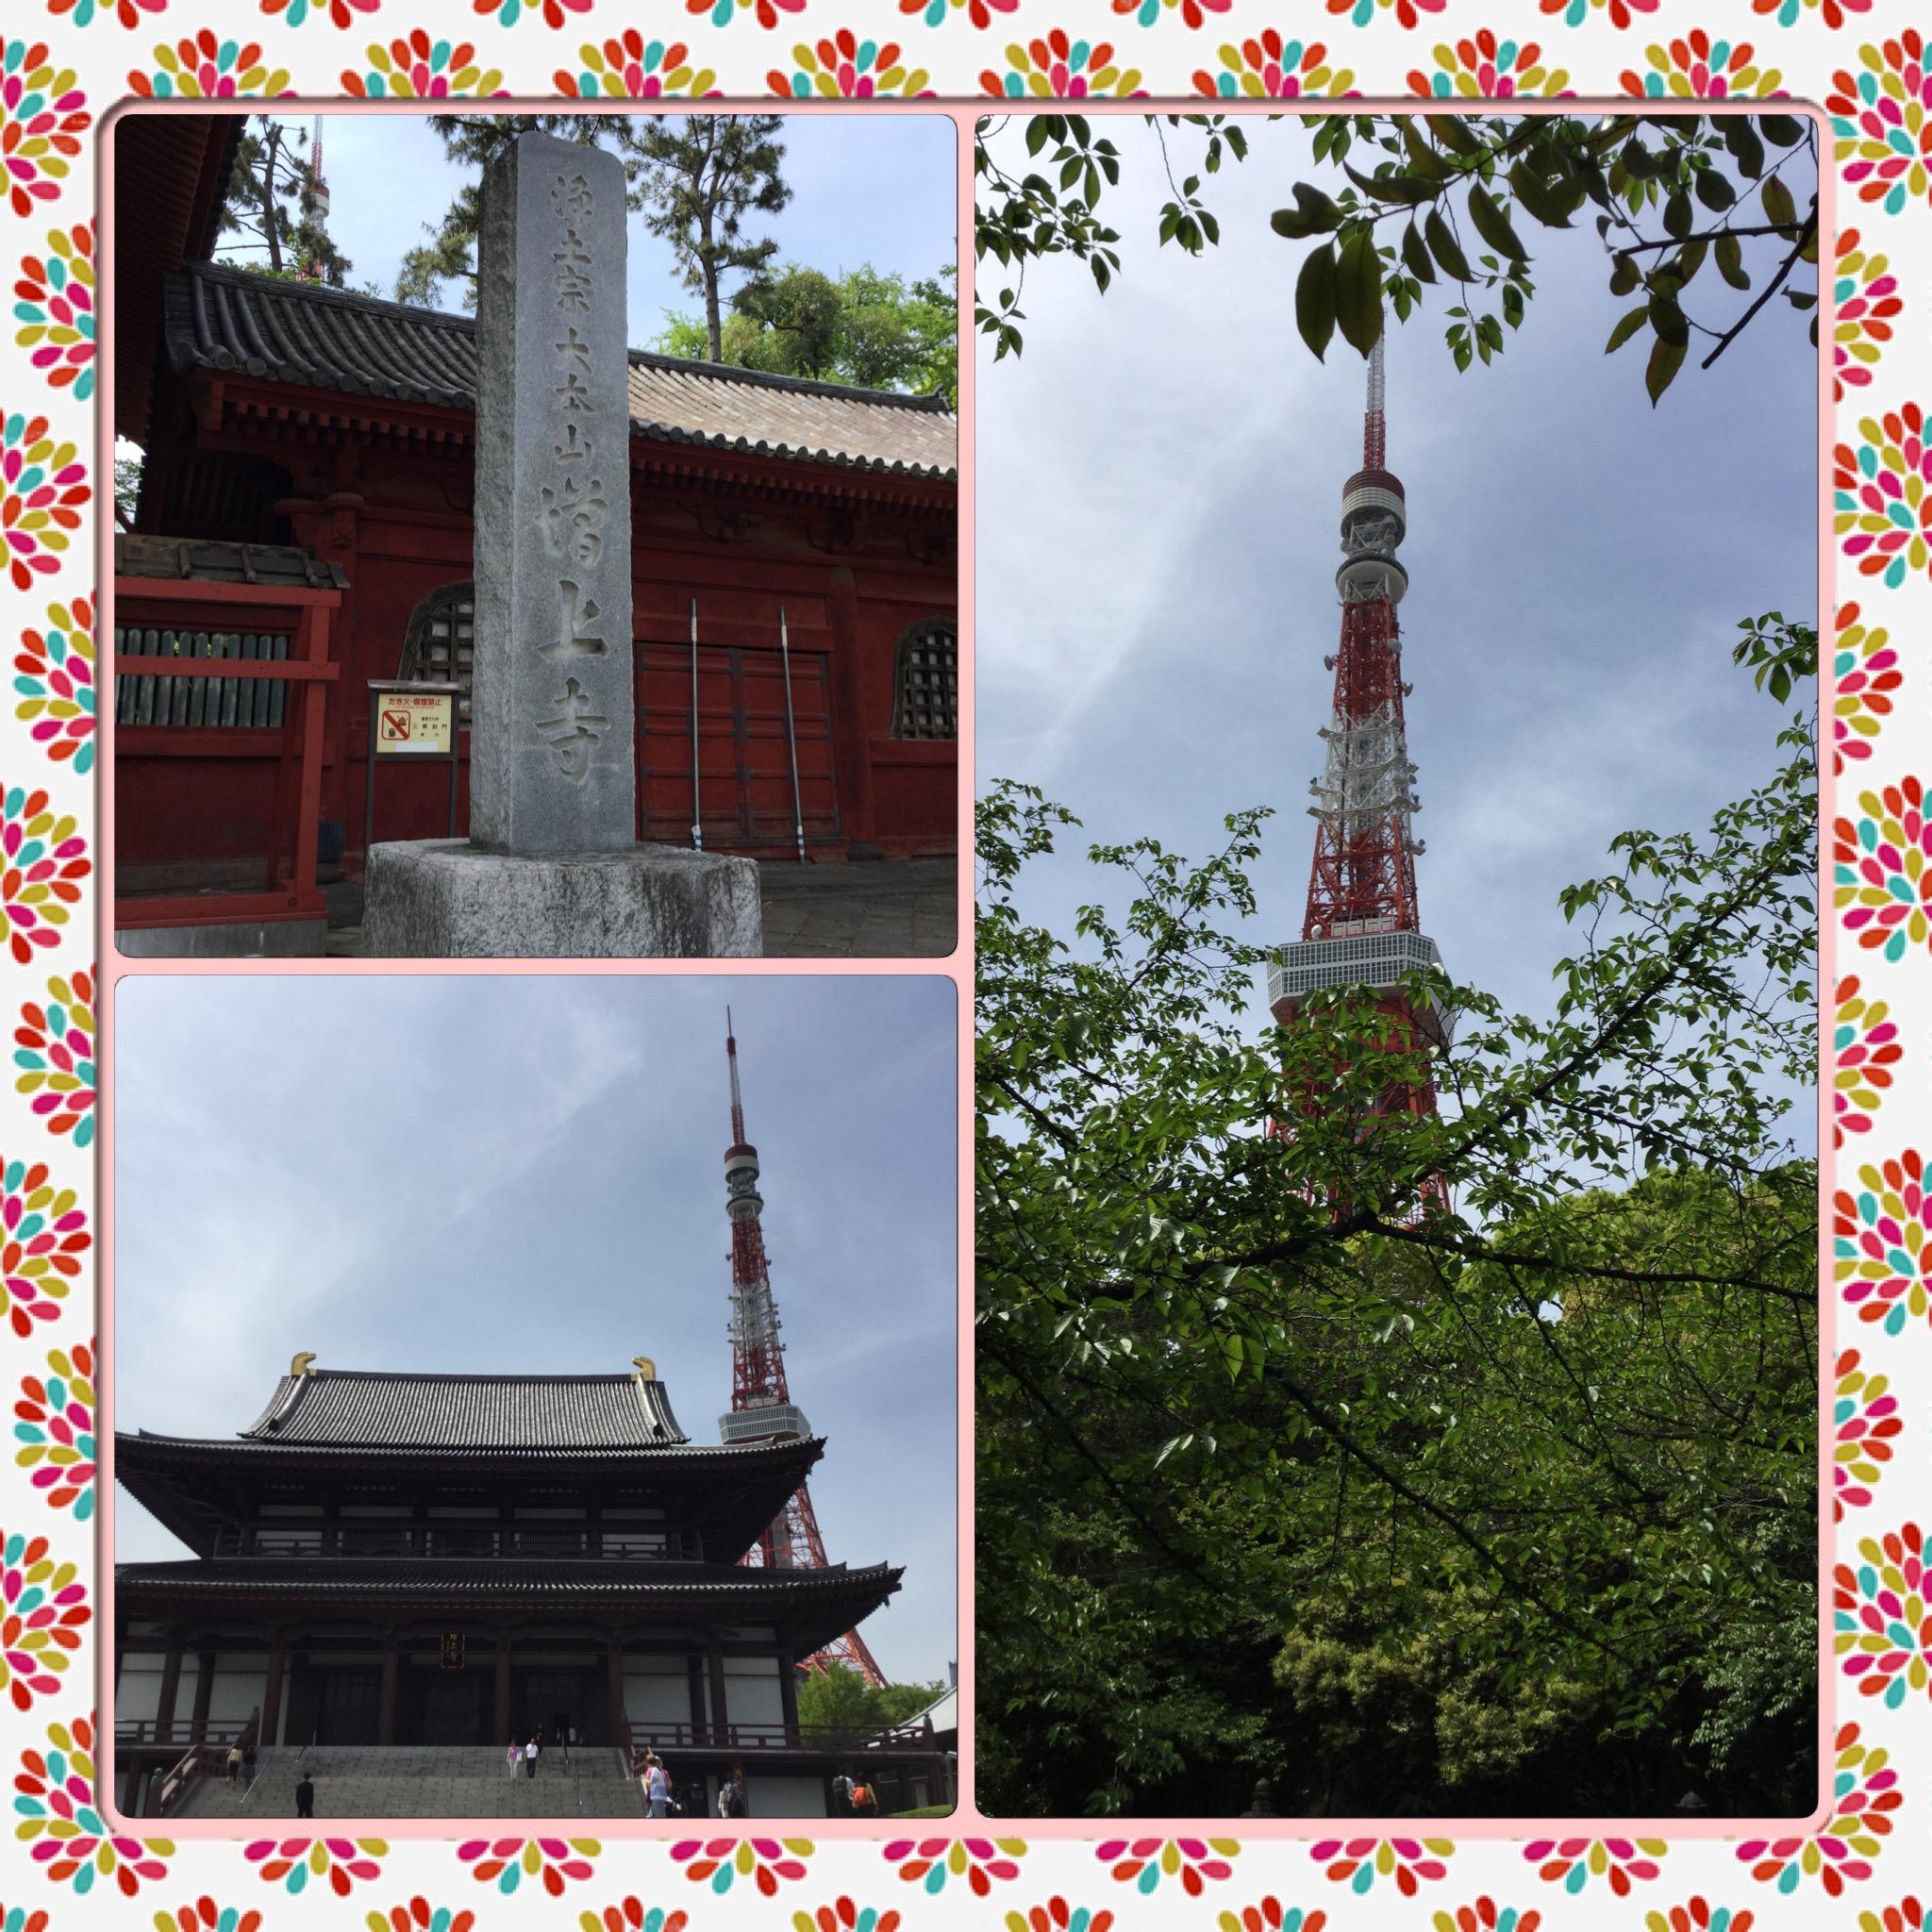 増上寺と東京タワーだす